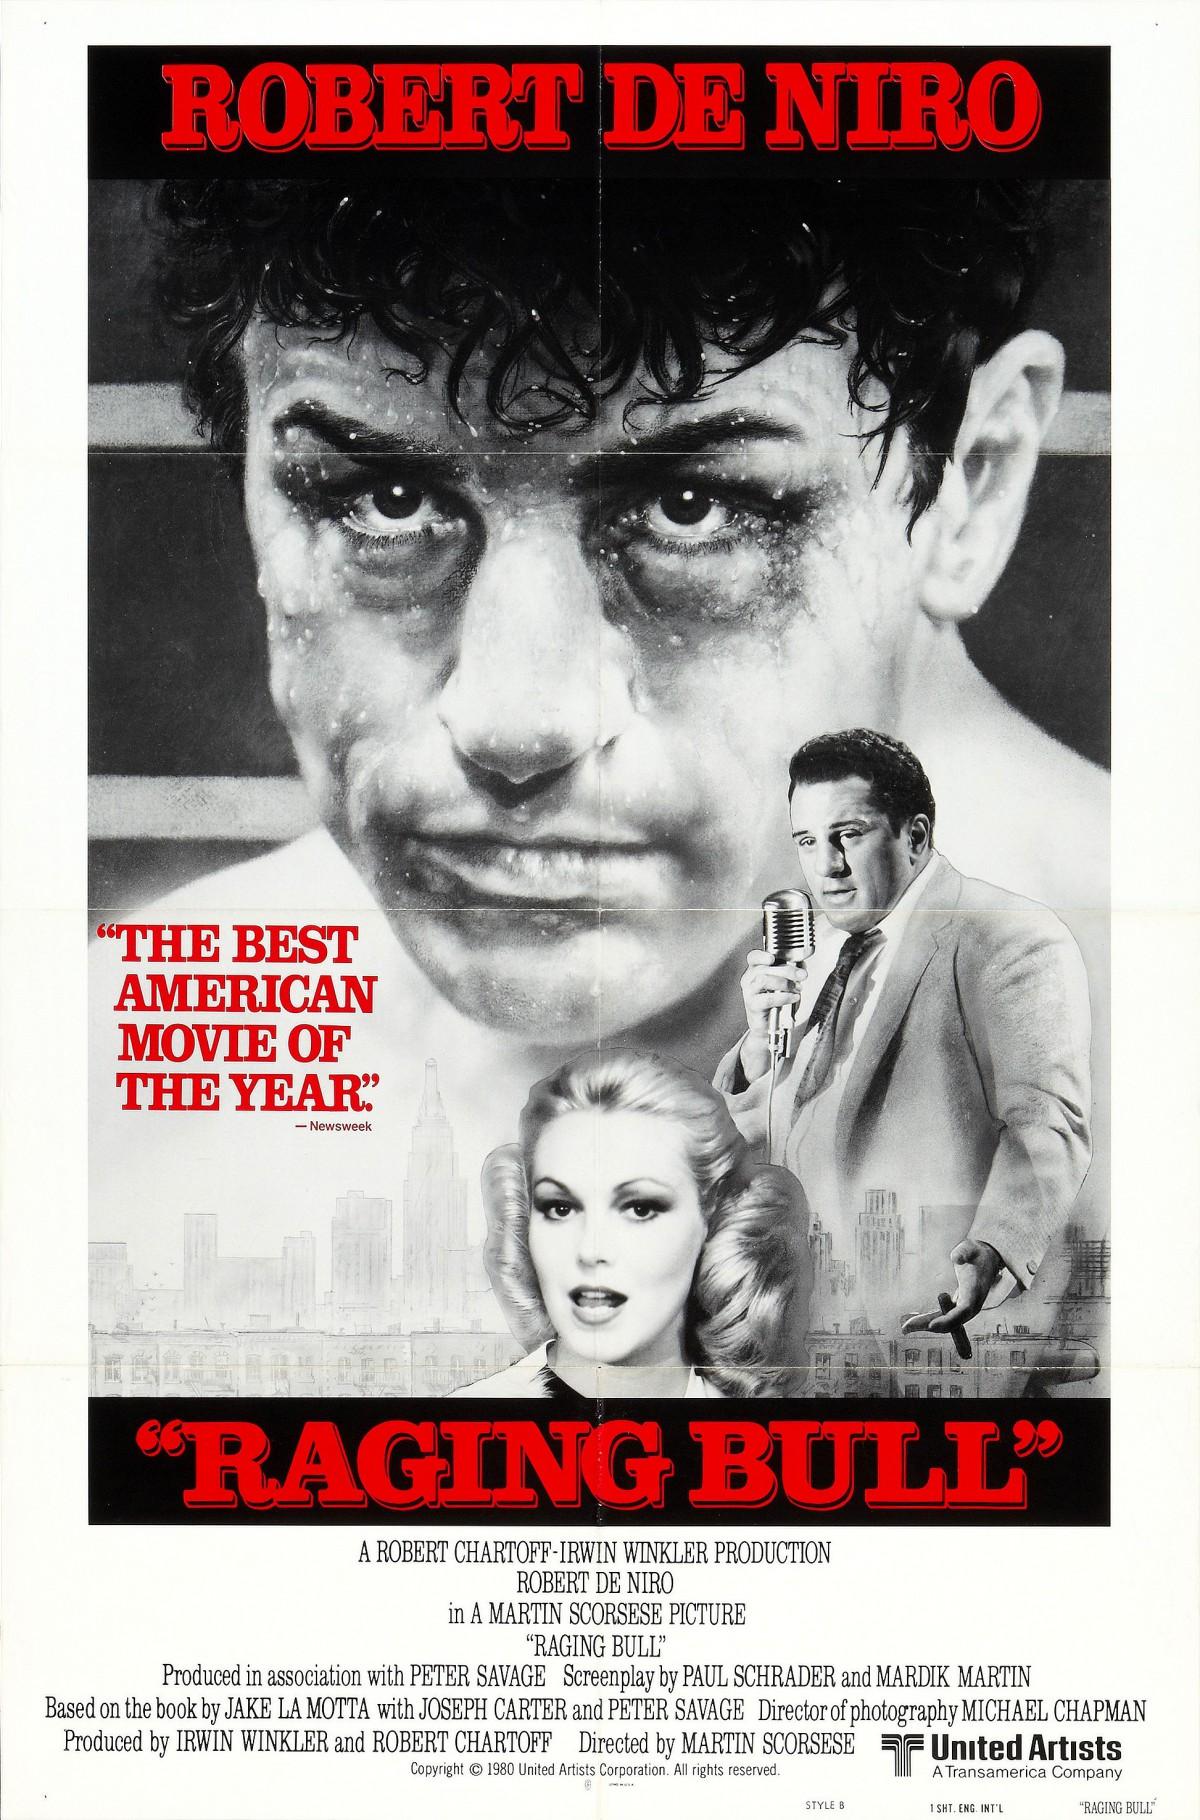 27. Raging Bull (1980)